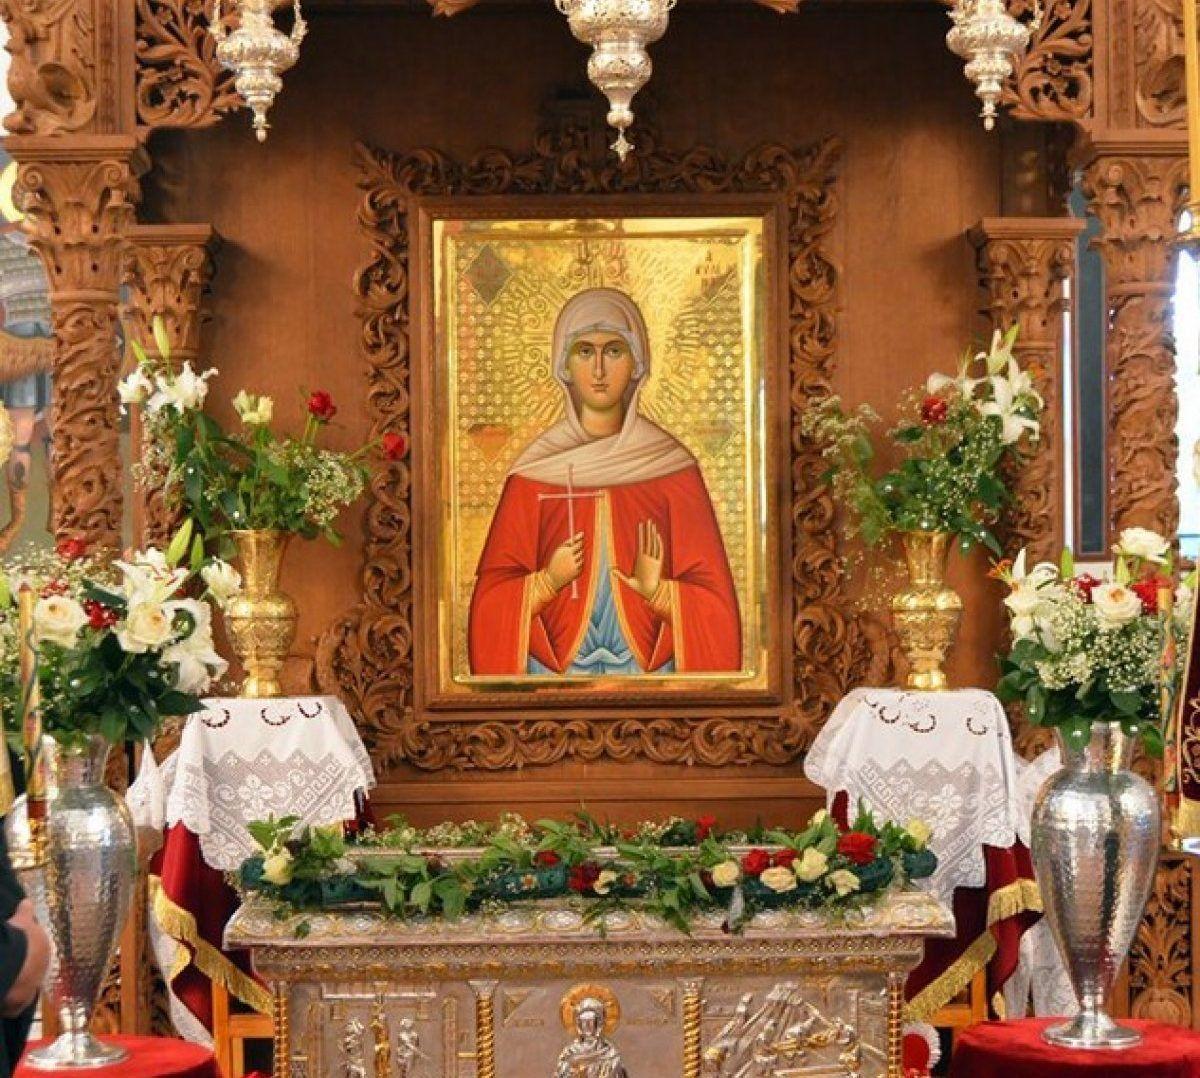 Αγία νεομάρτυς Ακυλίνα από το Ζαγκλιβέρι: H περιγραφή του μαρτυρίου από την ίδια την Αγία και η εύρεση των αγίων λειψάνων